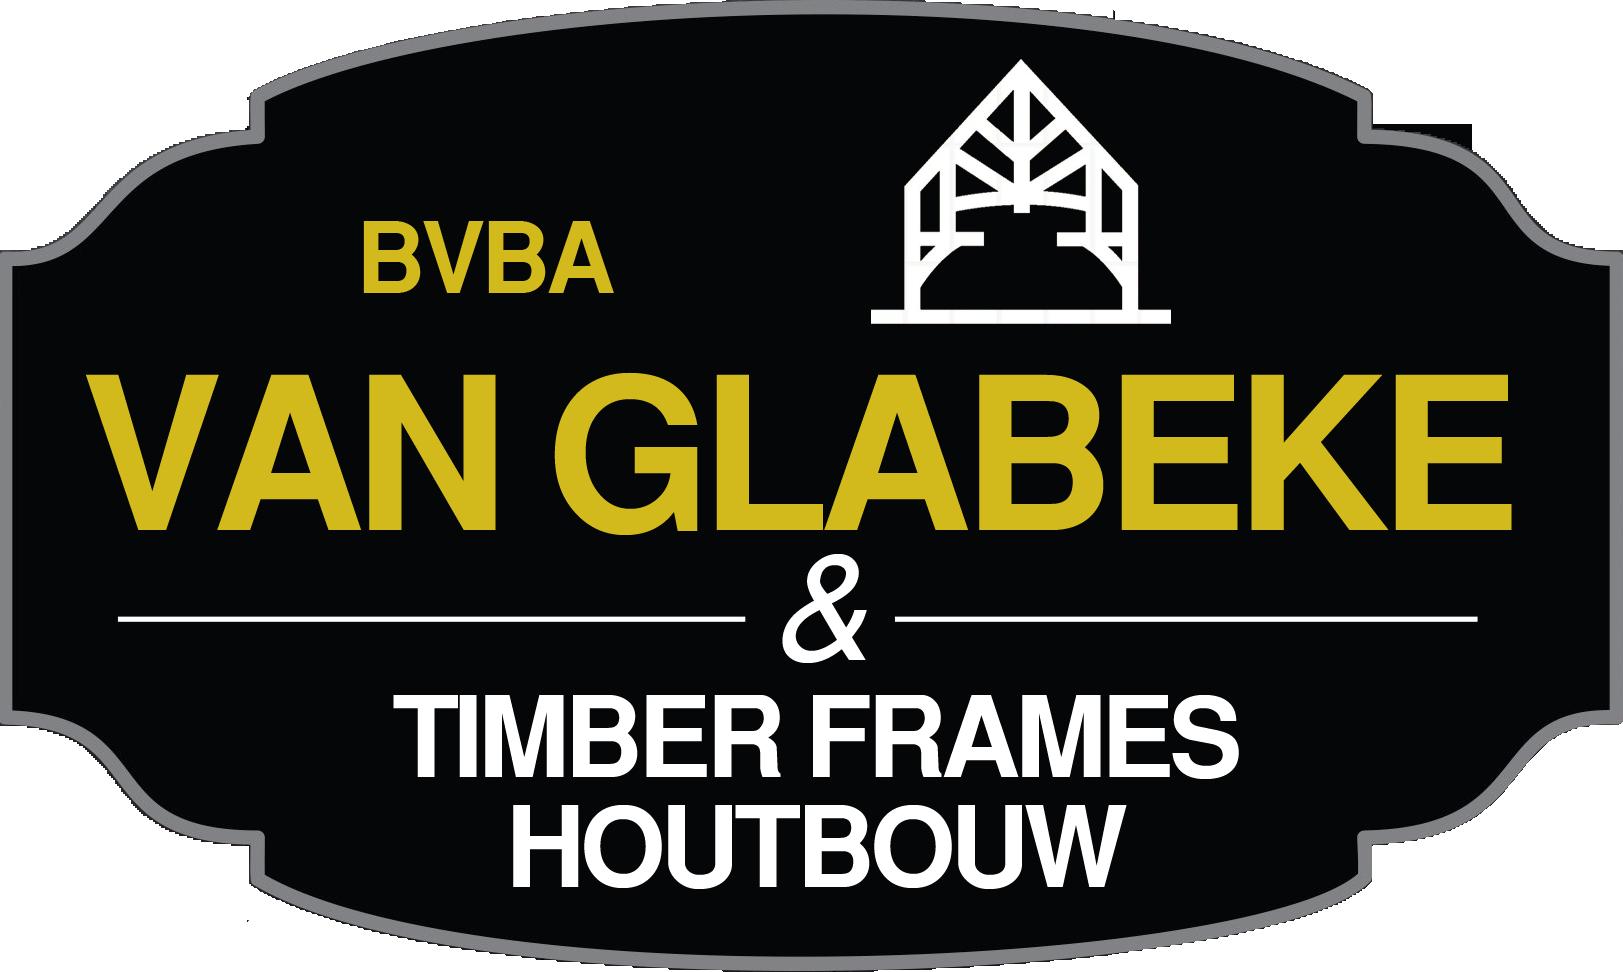 Van Glabeke